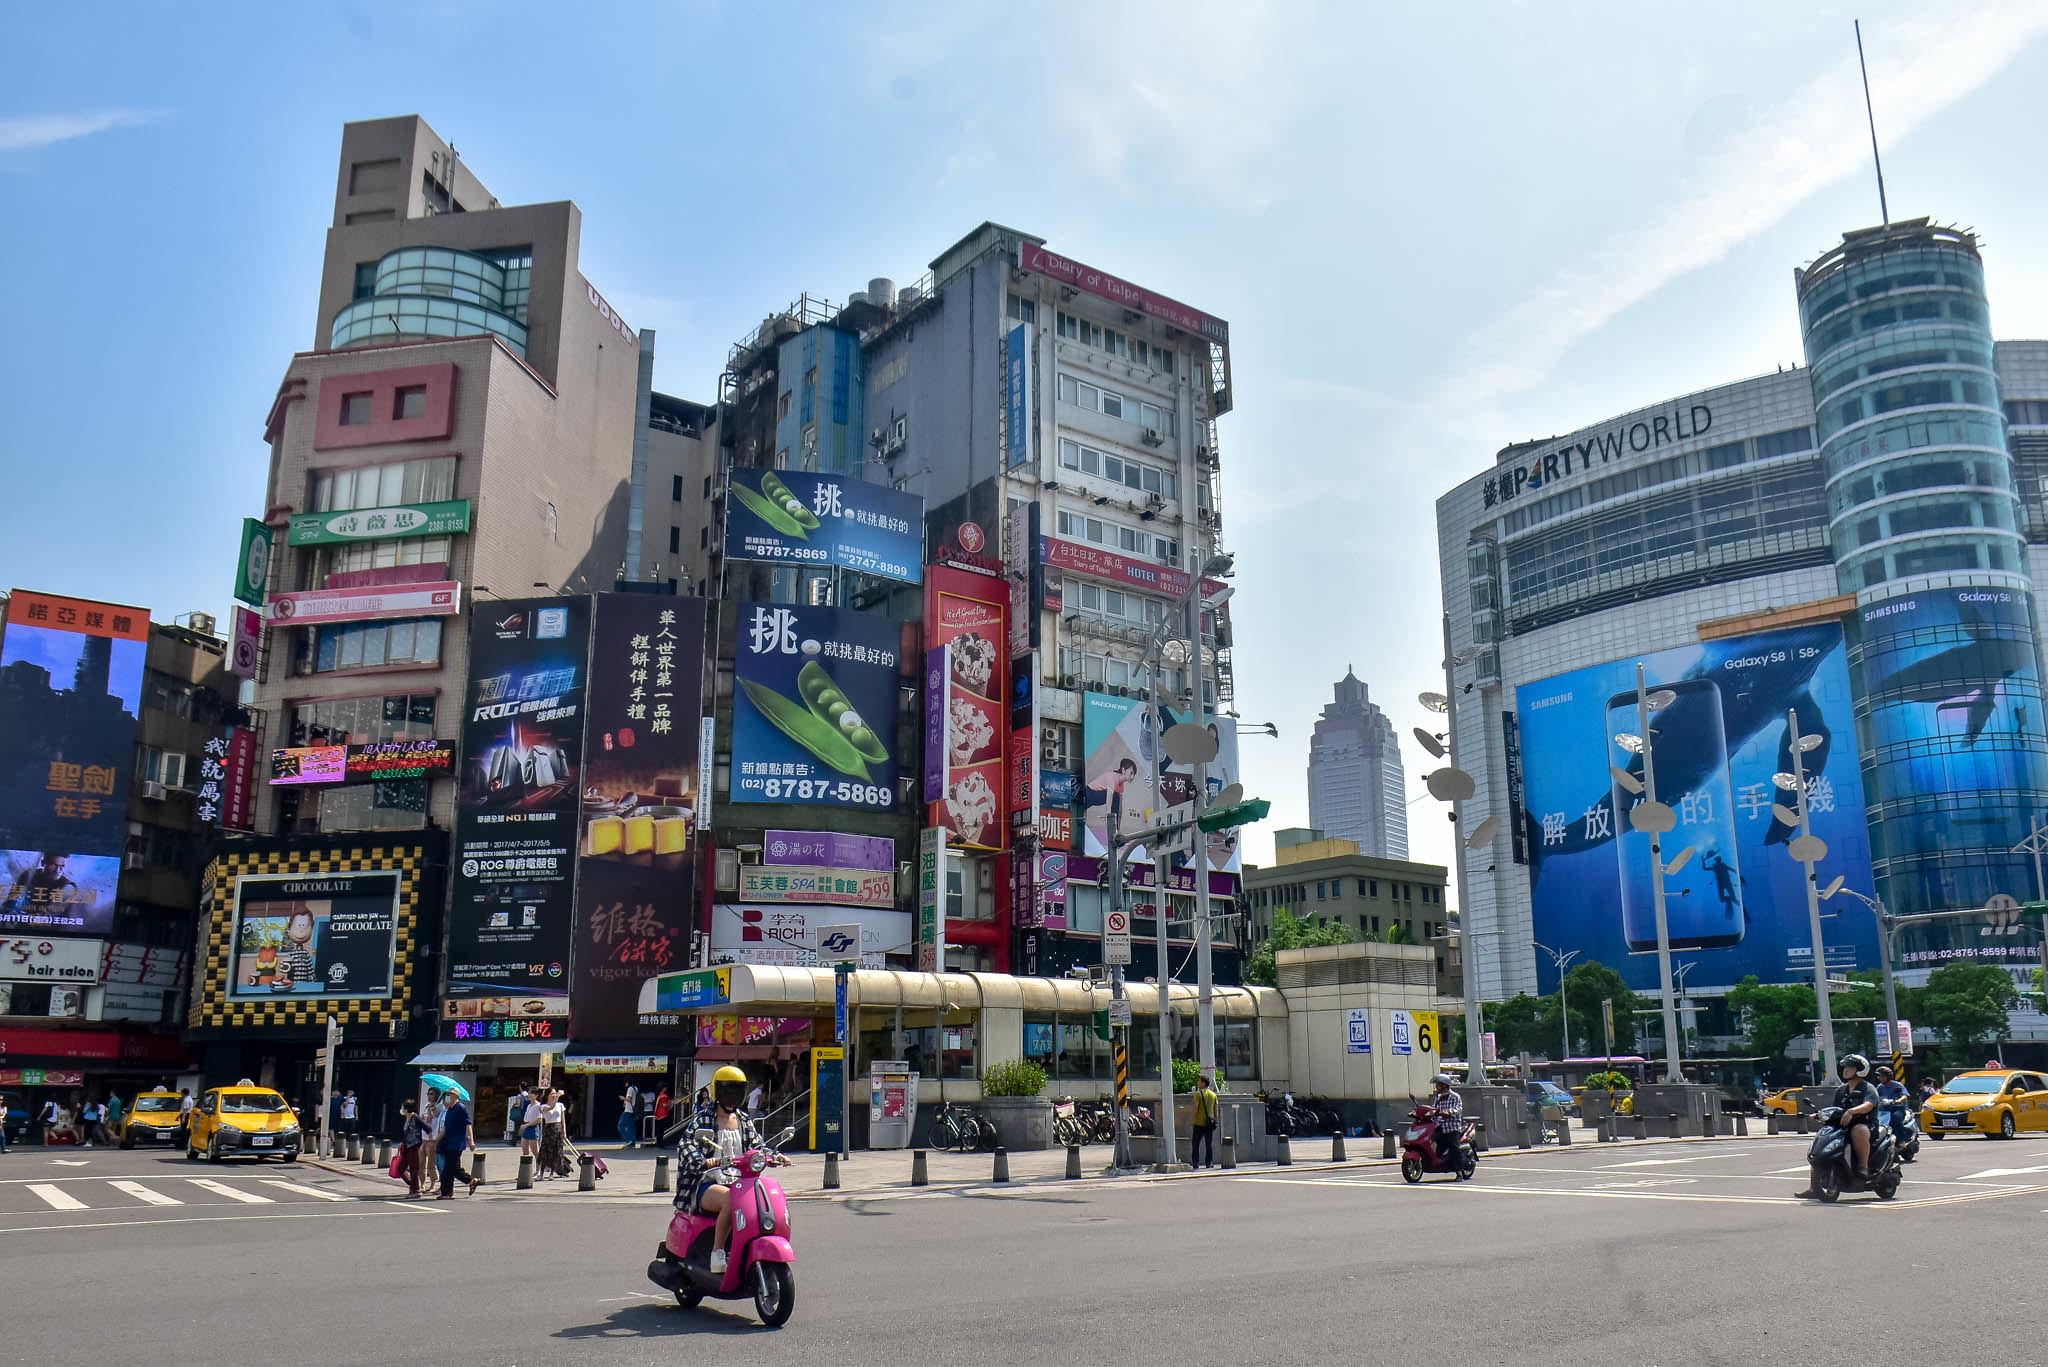 TAIWAN VISA